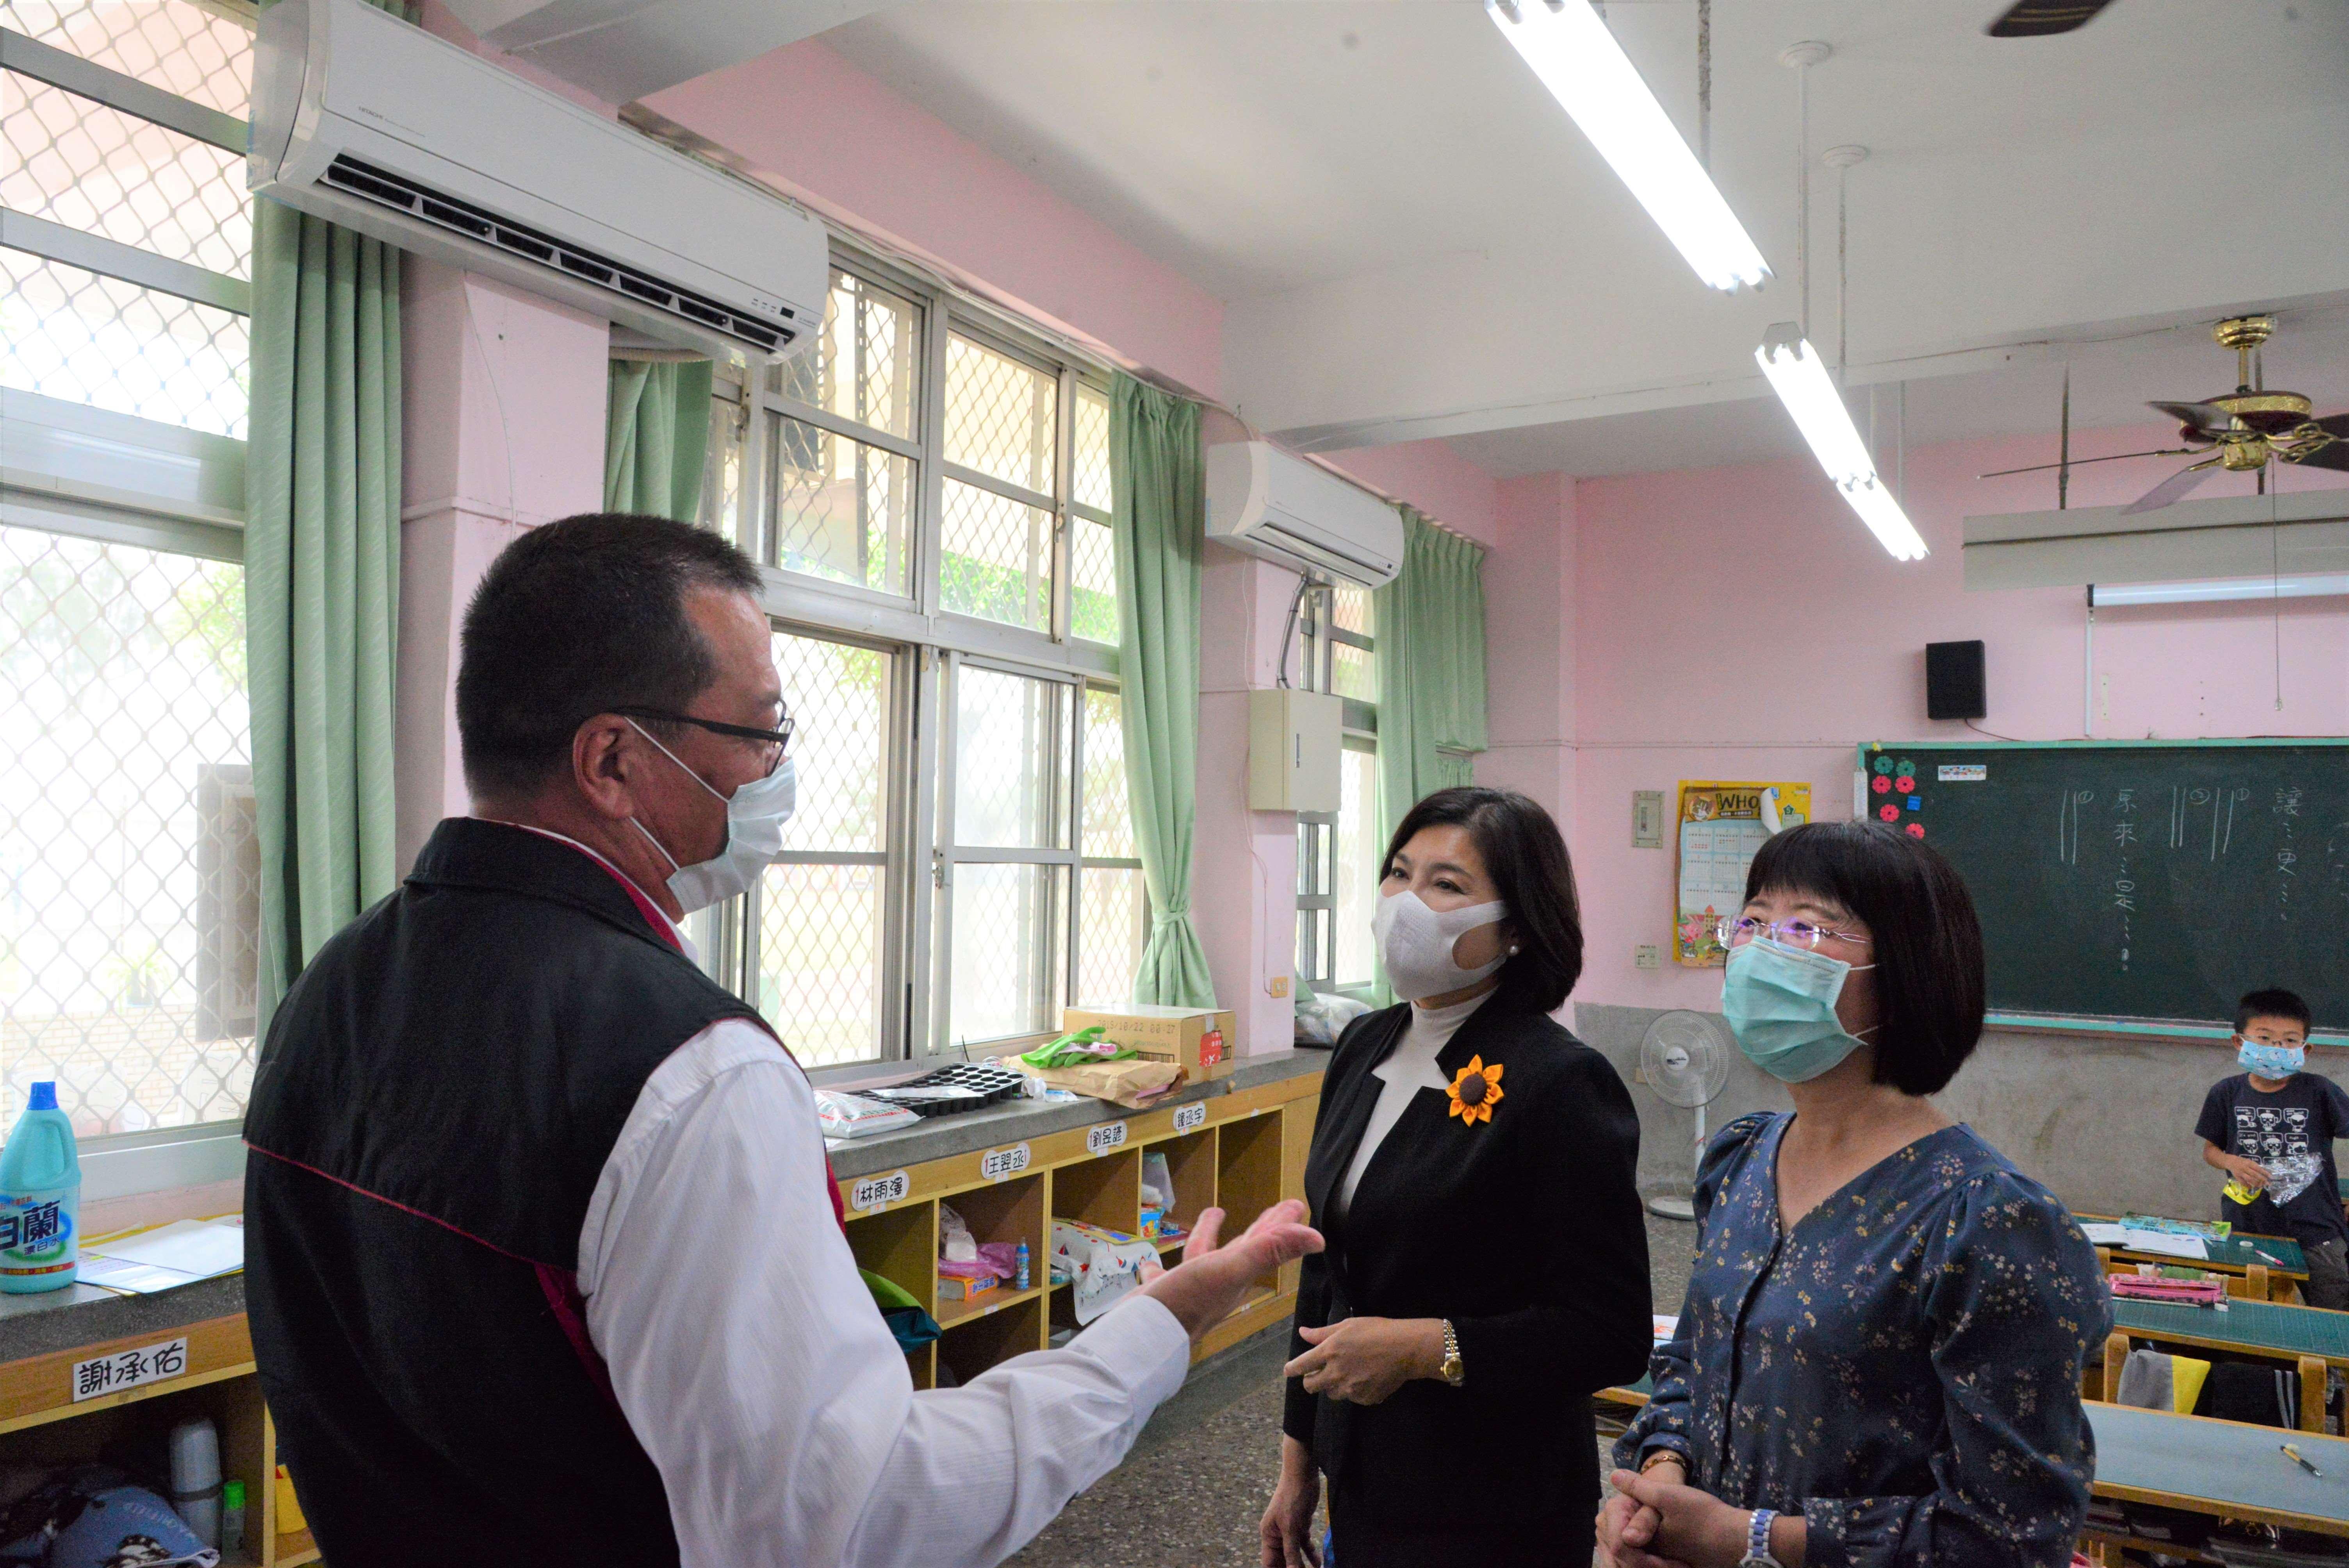 張縣長巡視後埔國小教室冷氣裝設情形。